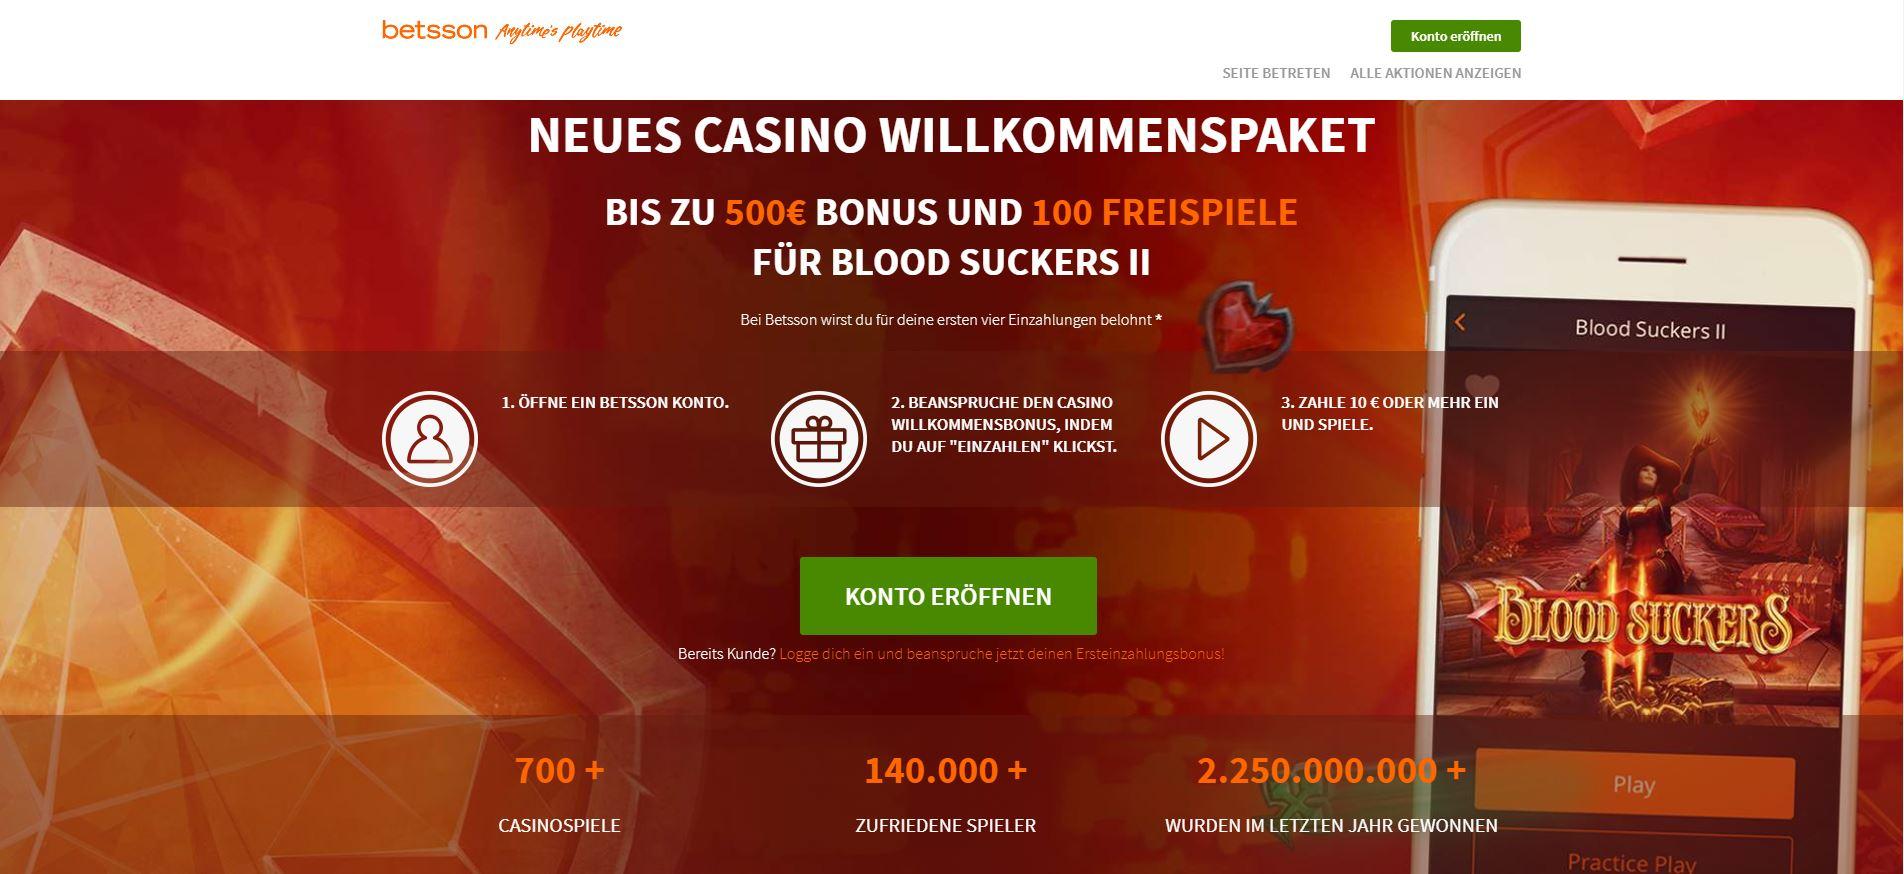 Betsson Casino Bonus Angebot